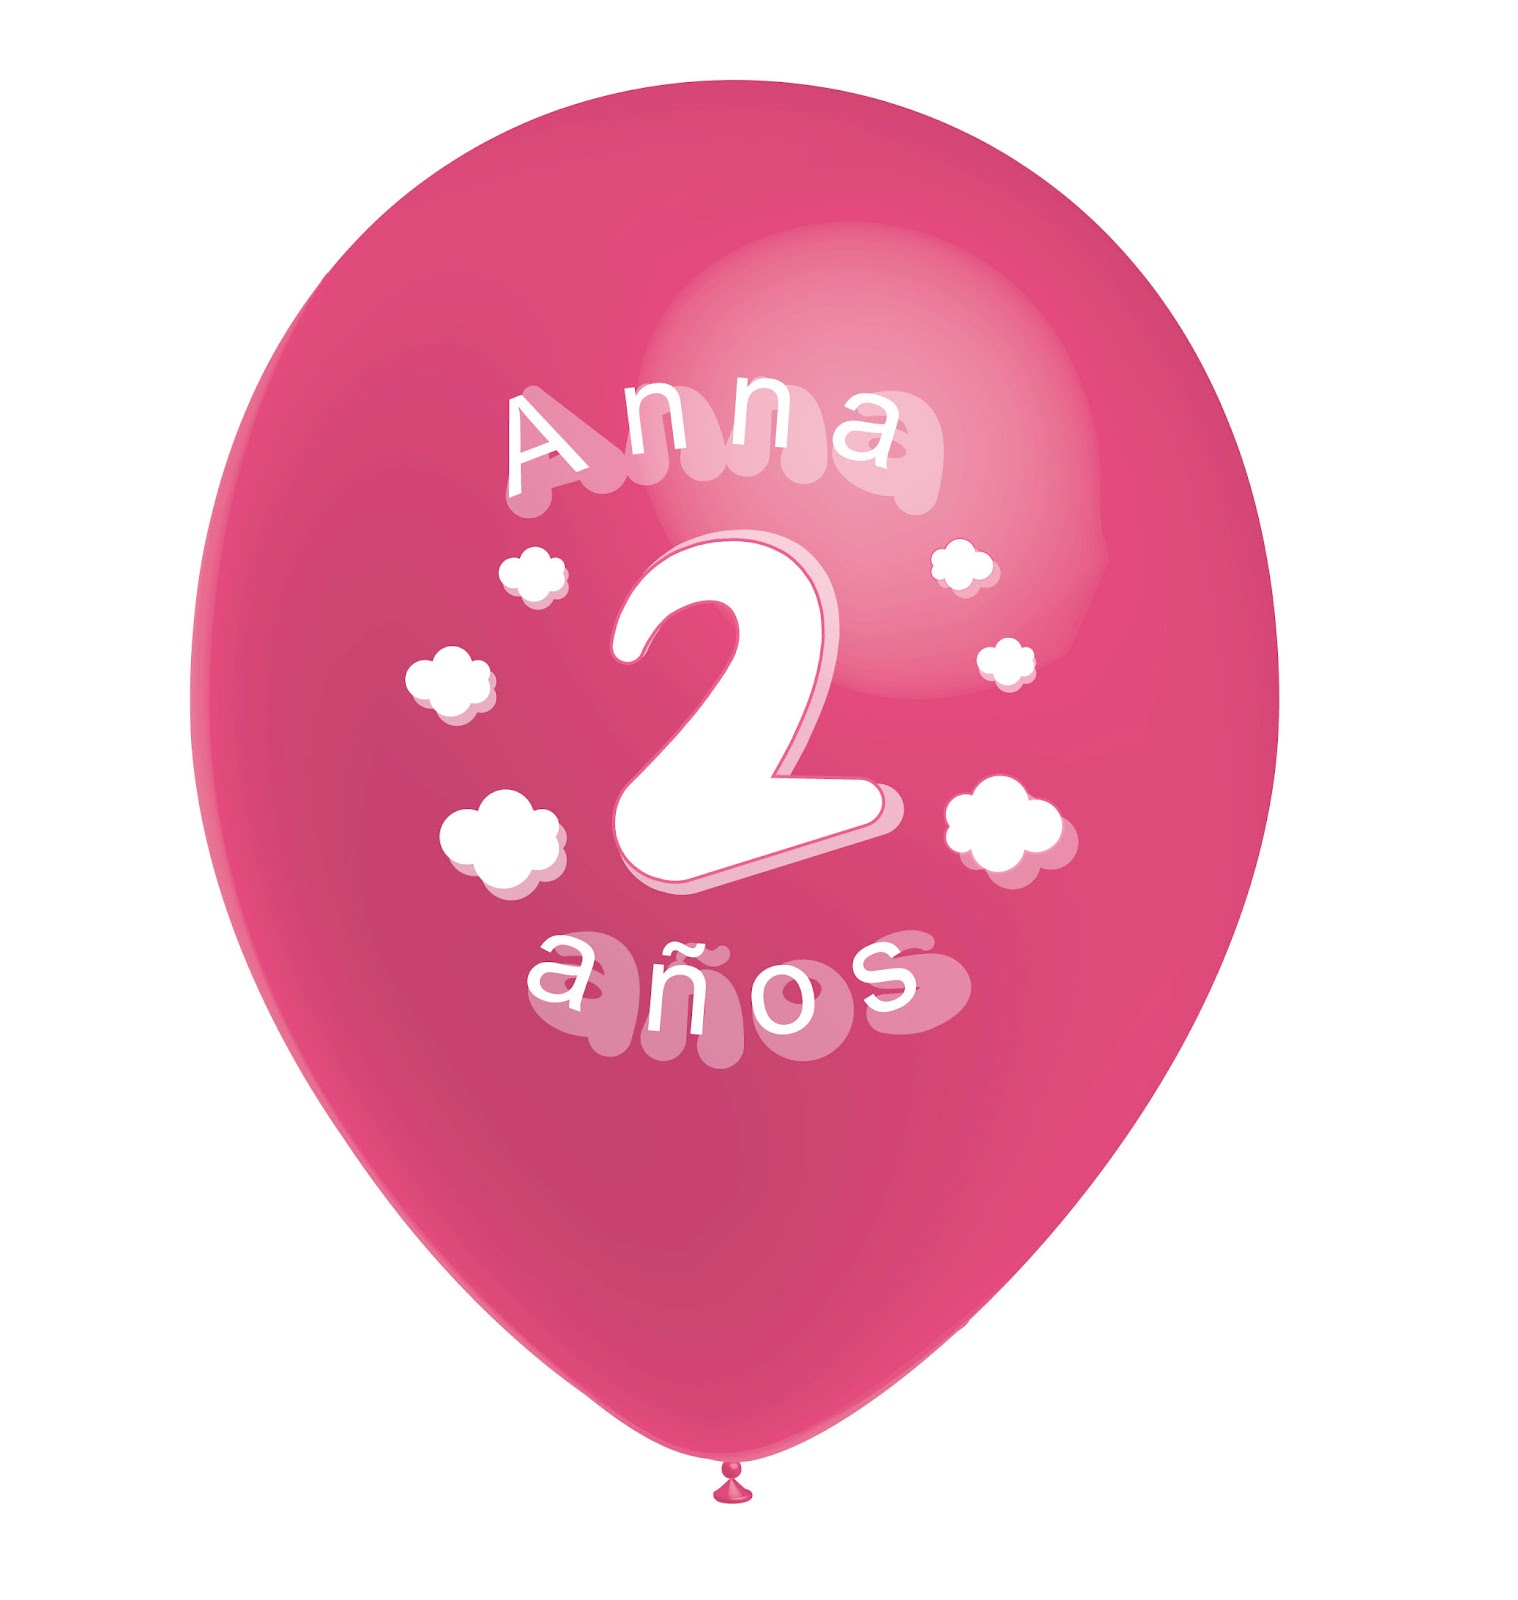 Recuerdos Con Encanto Globos Personalizados Para Cumpleanos Baby - Globos-personalizados-cumpleaos